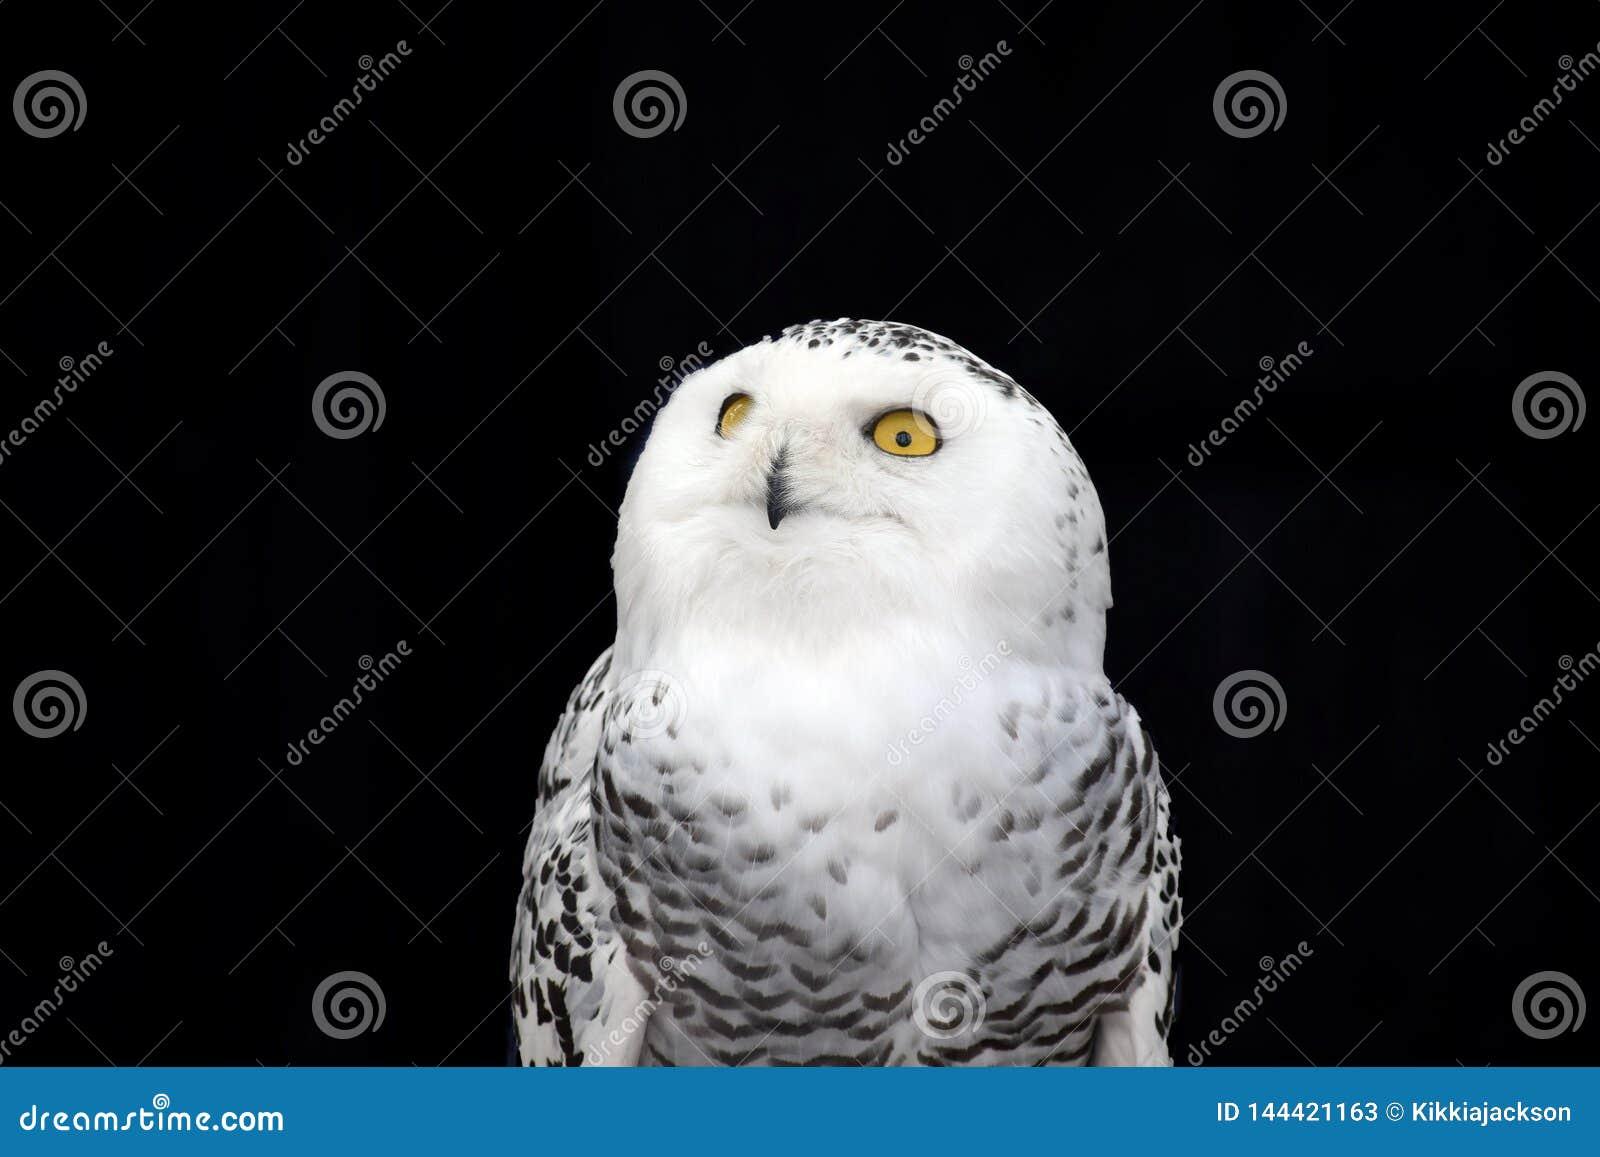 White Owl Nyctea Scandiaca